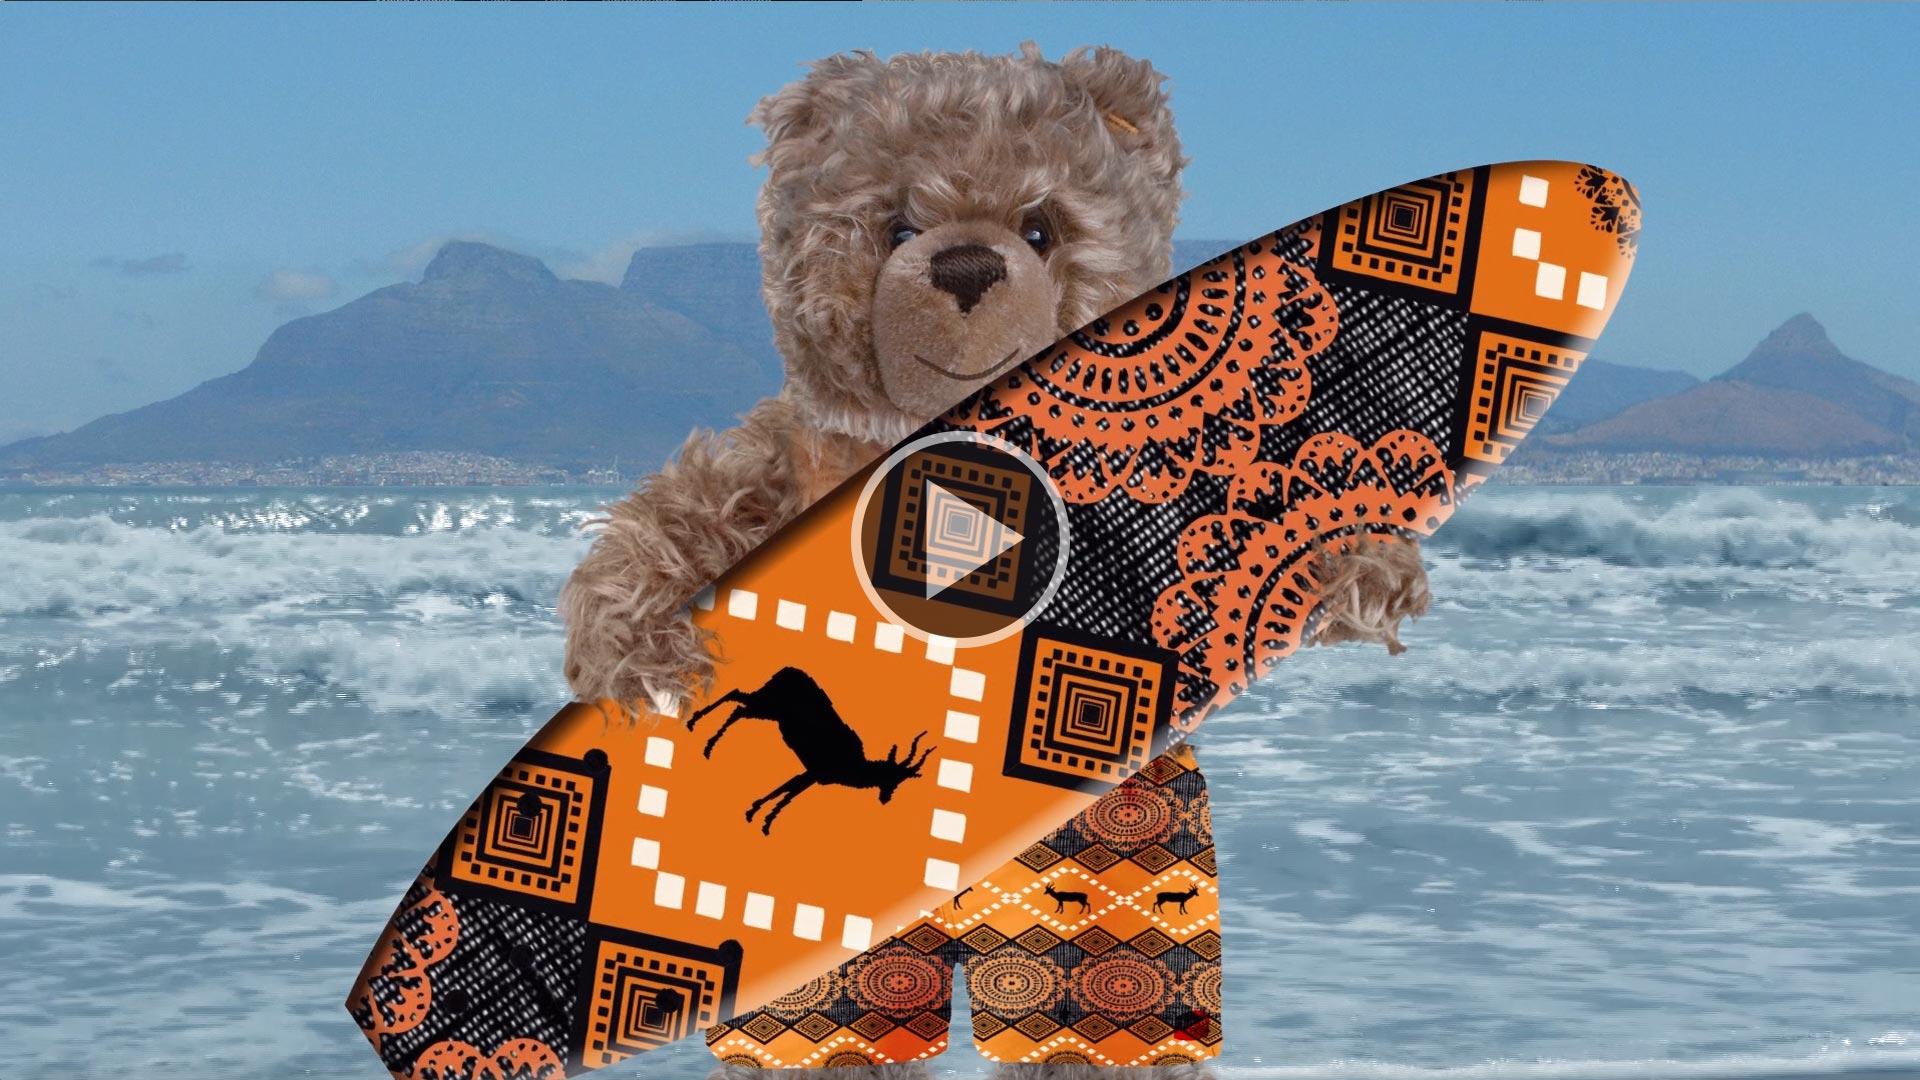 König Opa beim Surfen in Südafrika